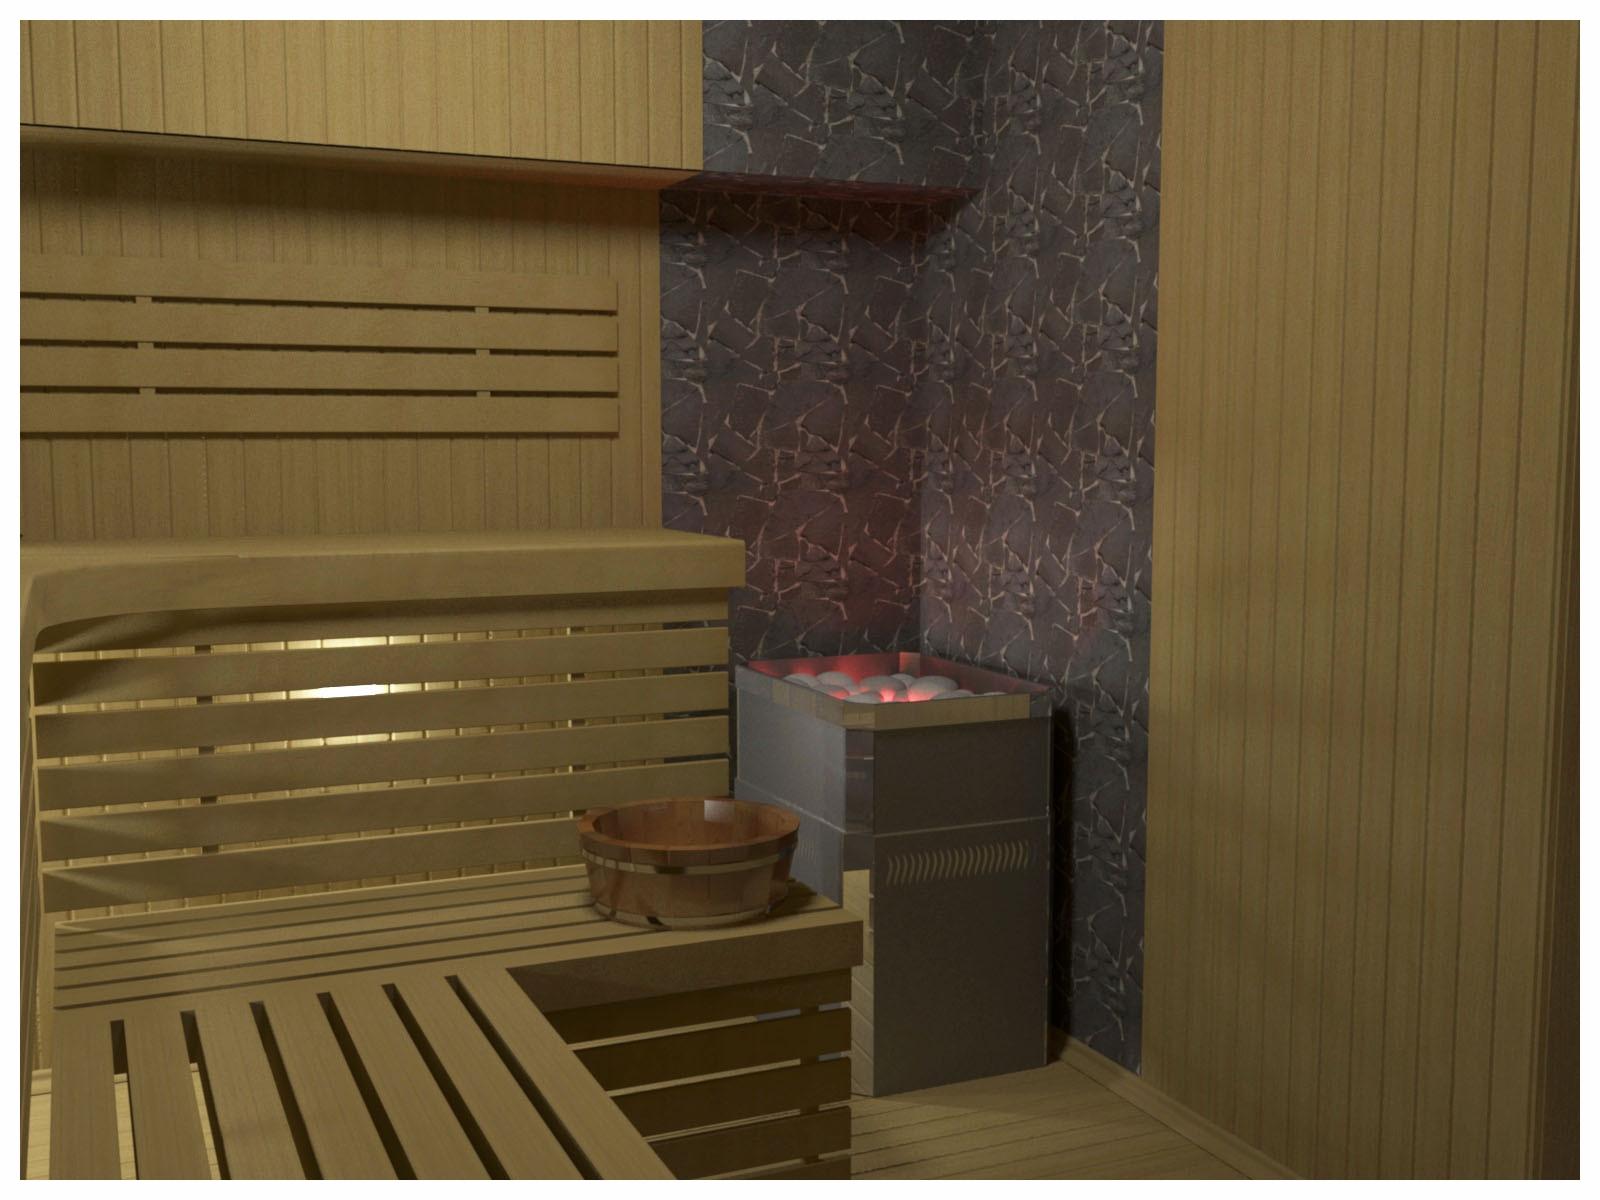 Дизайн интерьеров СПА в коттедже. Сауна 1.